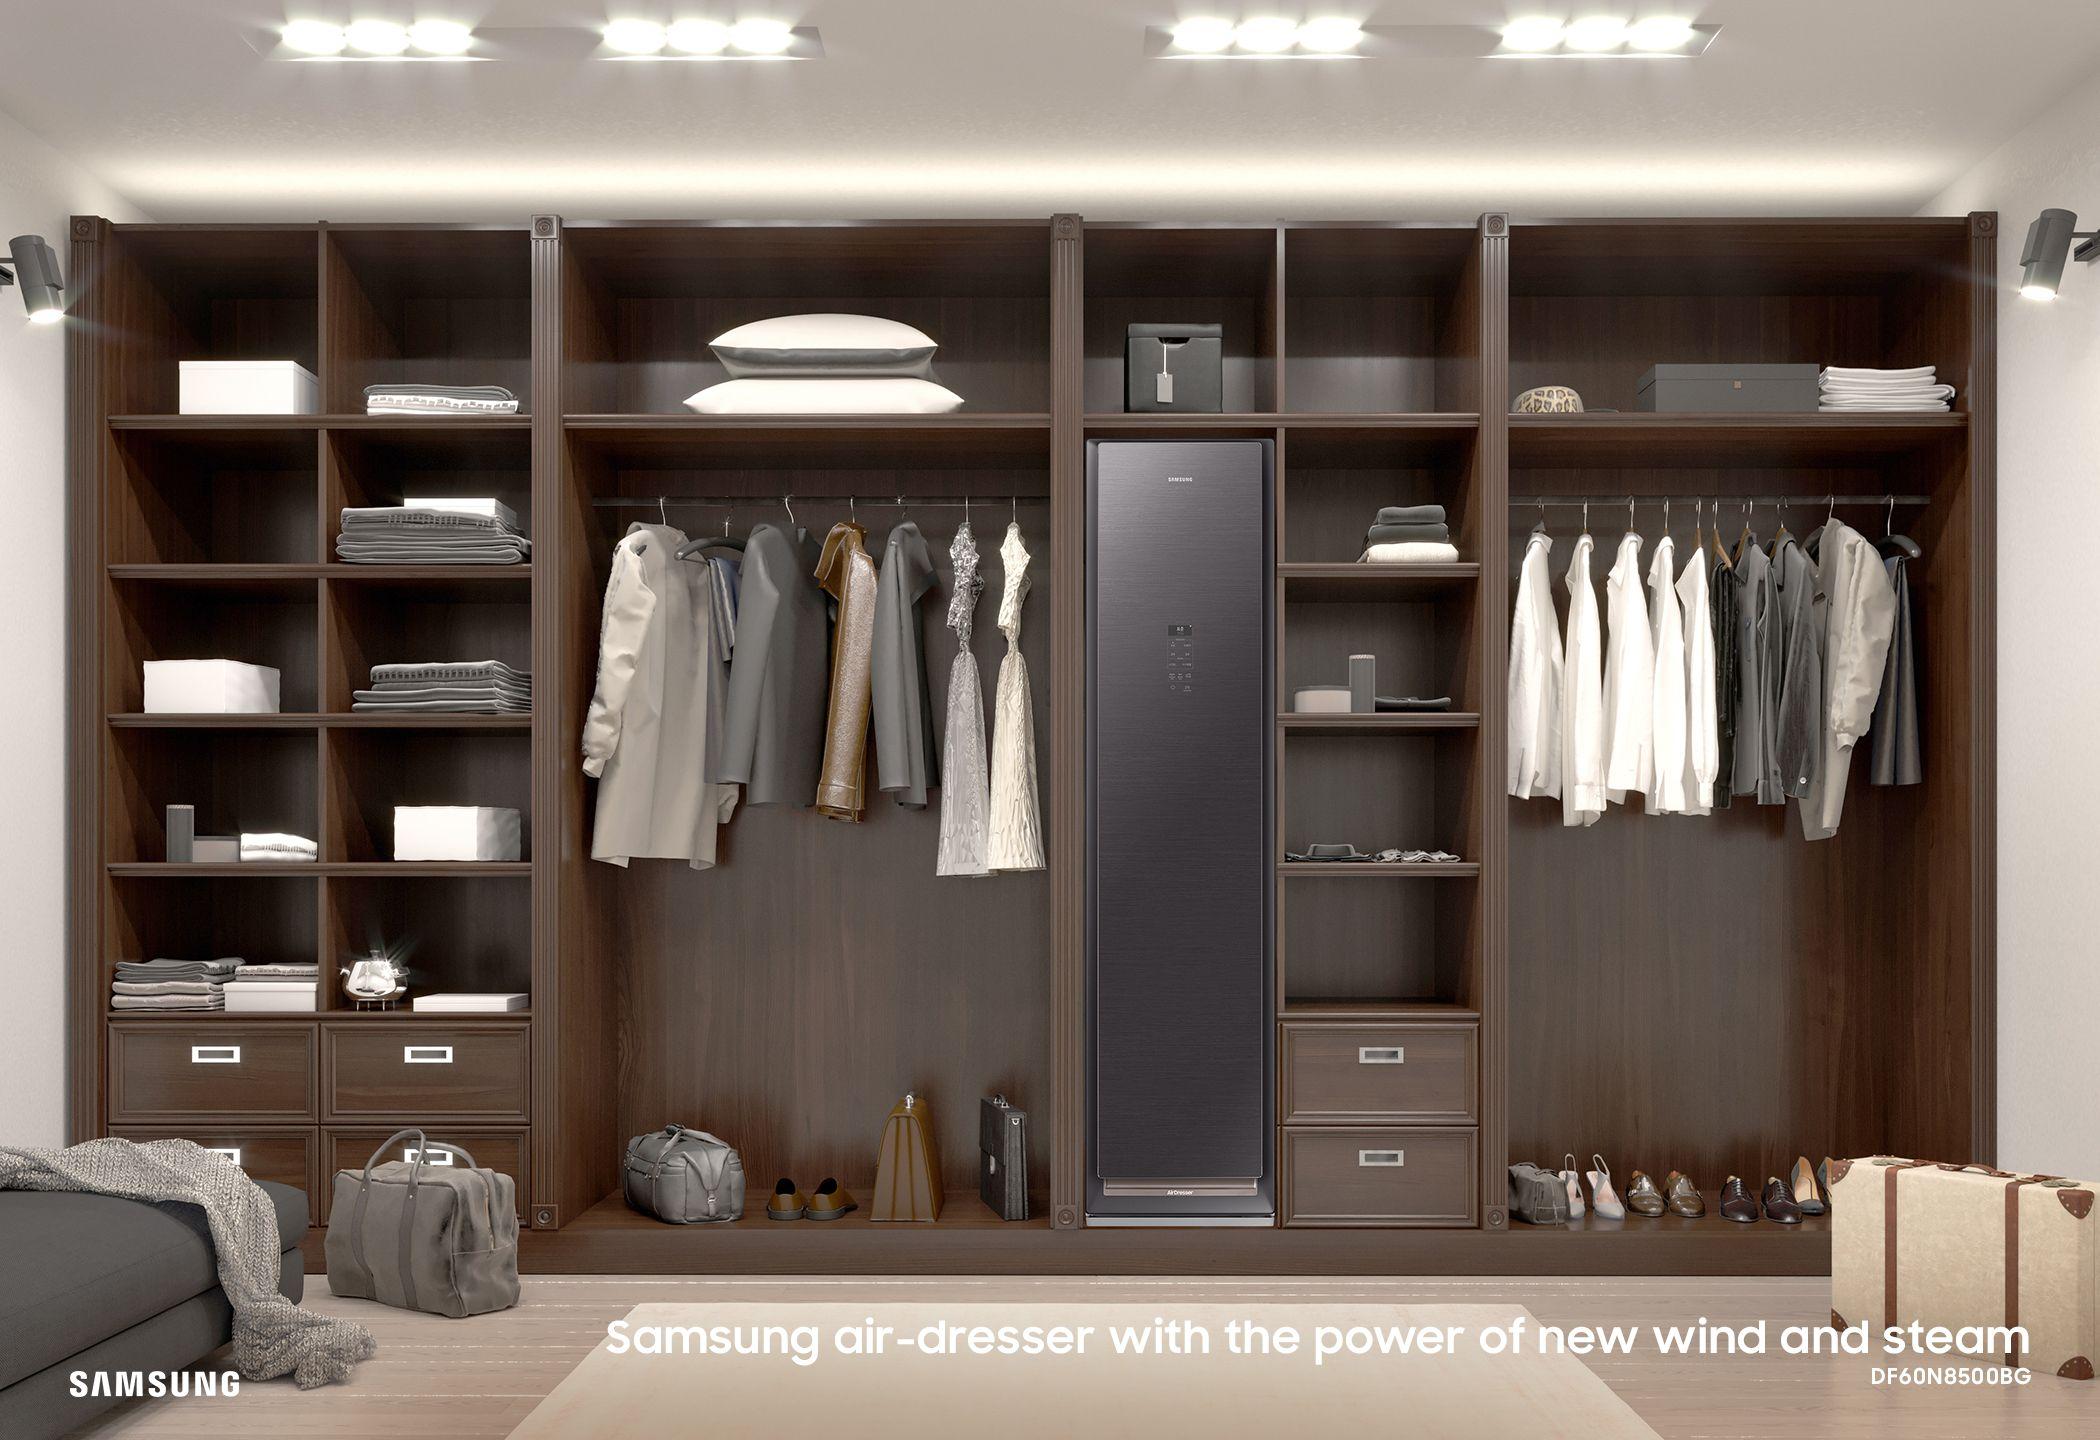 अब कपड़े धोने-सुखाने के लिए धूप का इंतजार खत्म! सैंमसंग लाया स्मार्ट एयर ड्रेसर